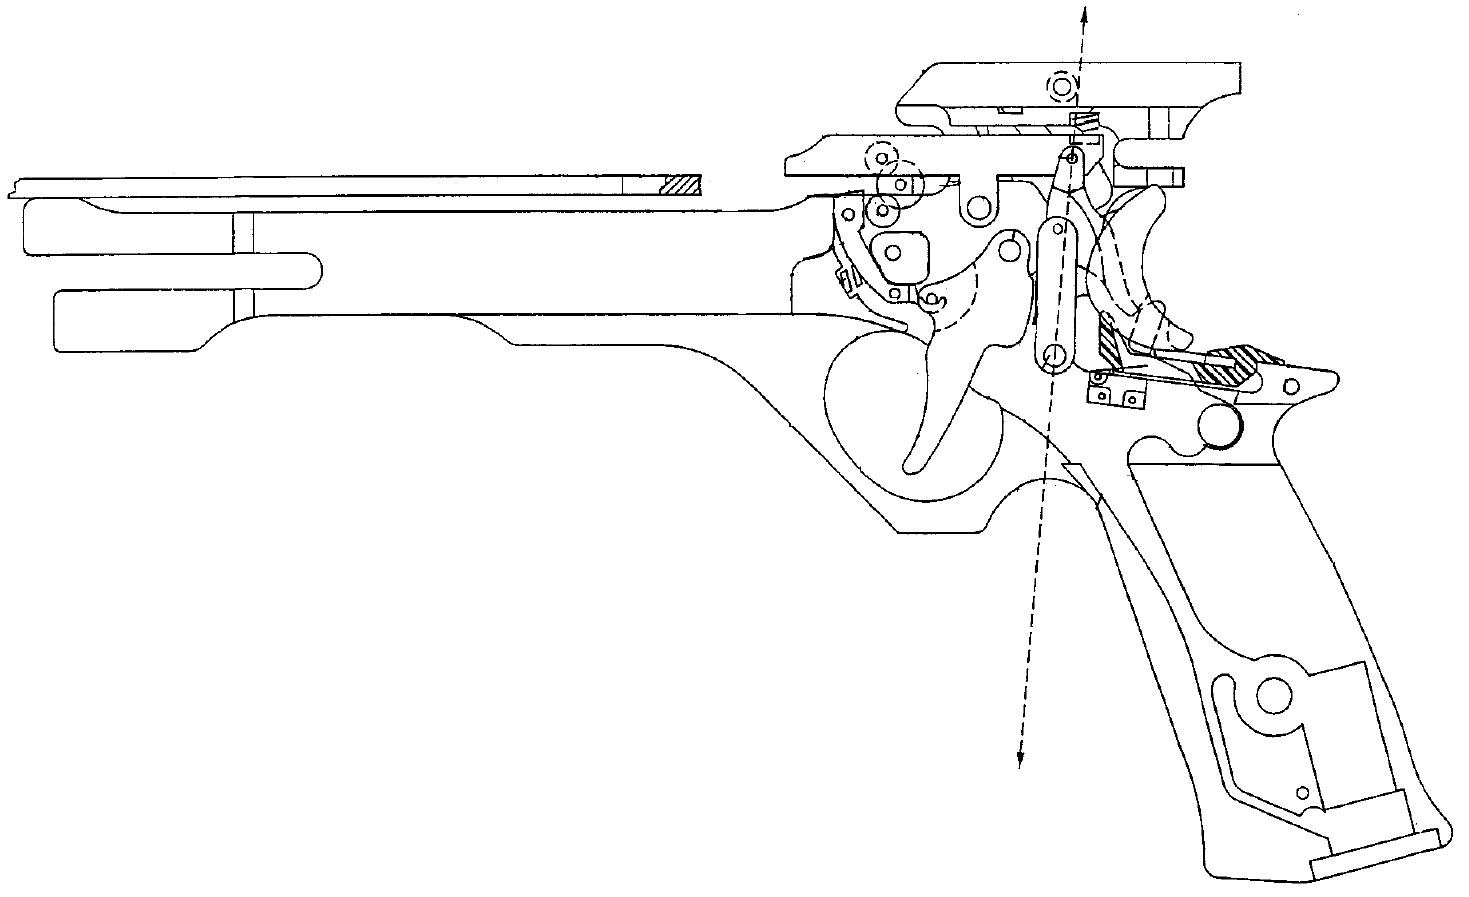 Pistol Crossbow] Trigger design